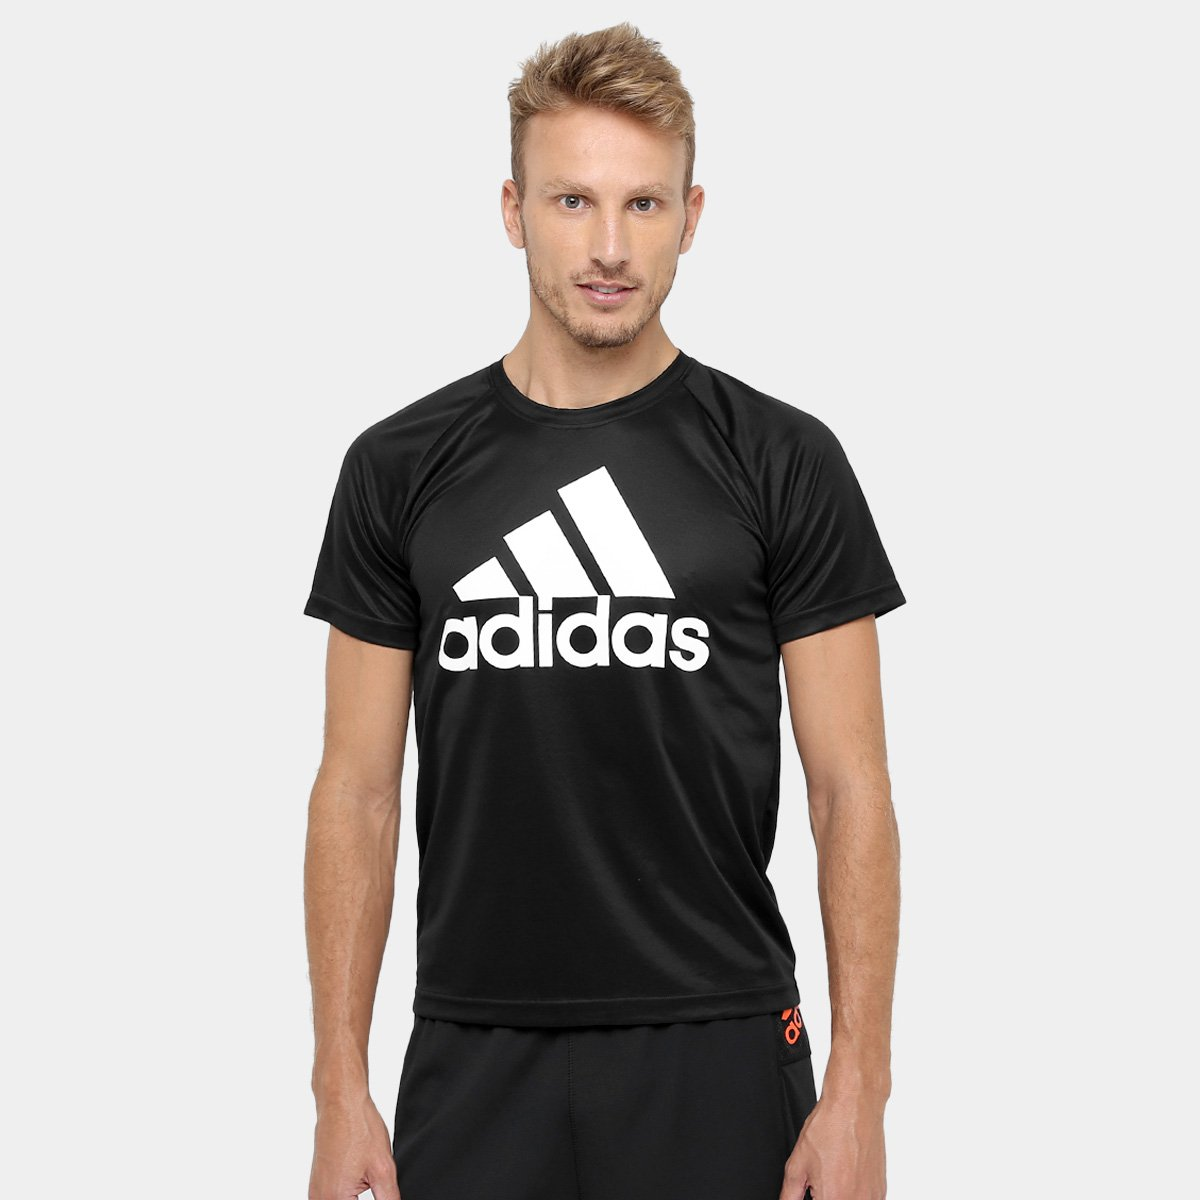 Camiseta Adidas M2M Logo Masculina - Compre Agora  aa74440b20efa